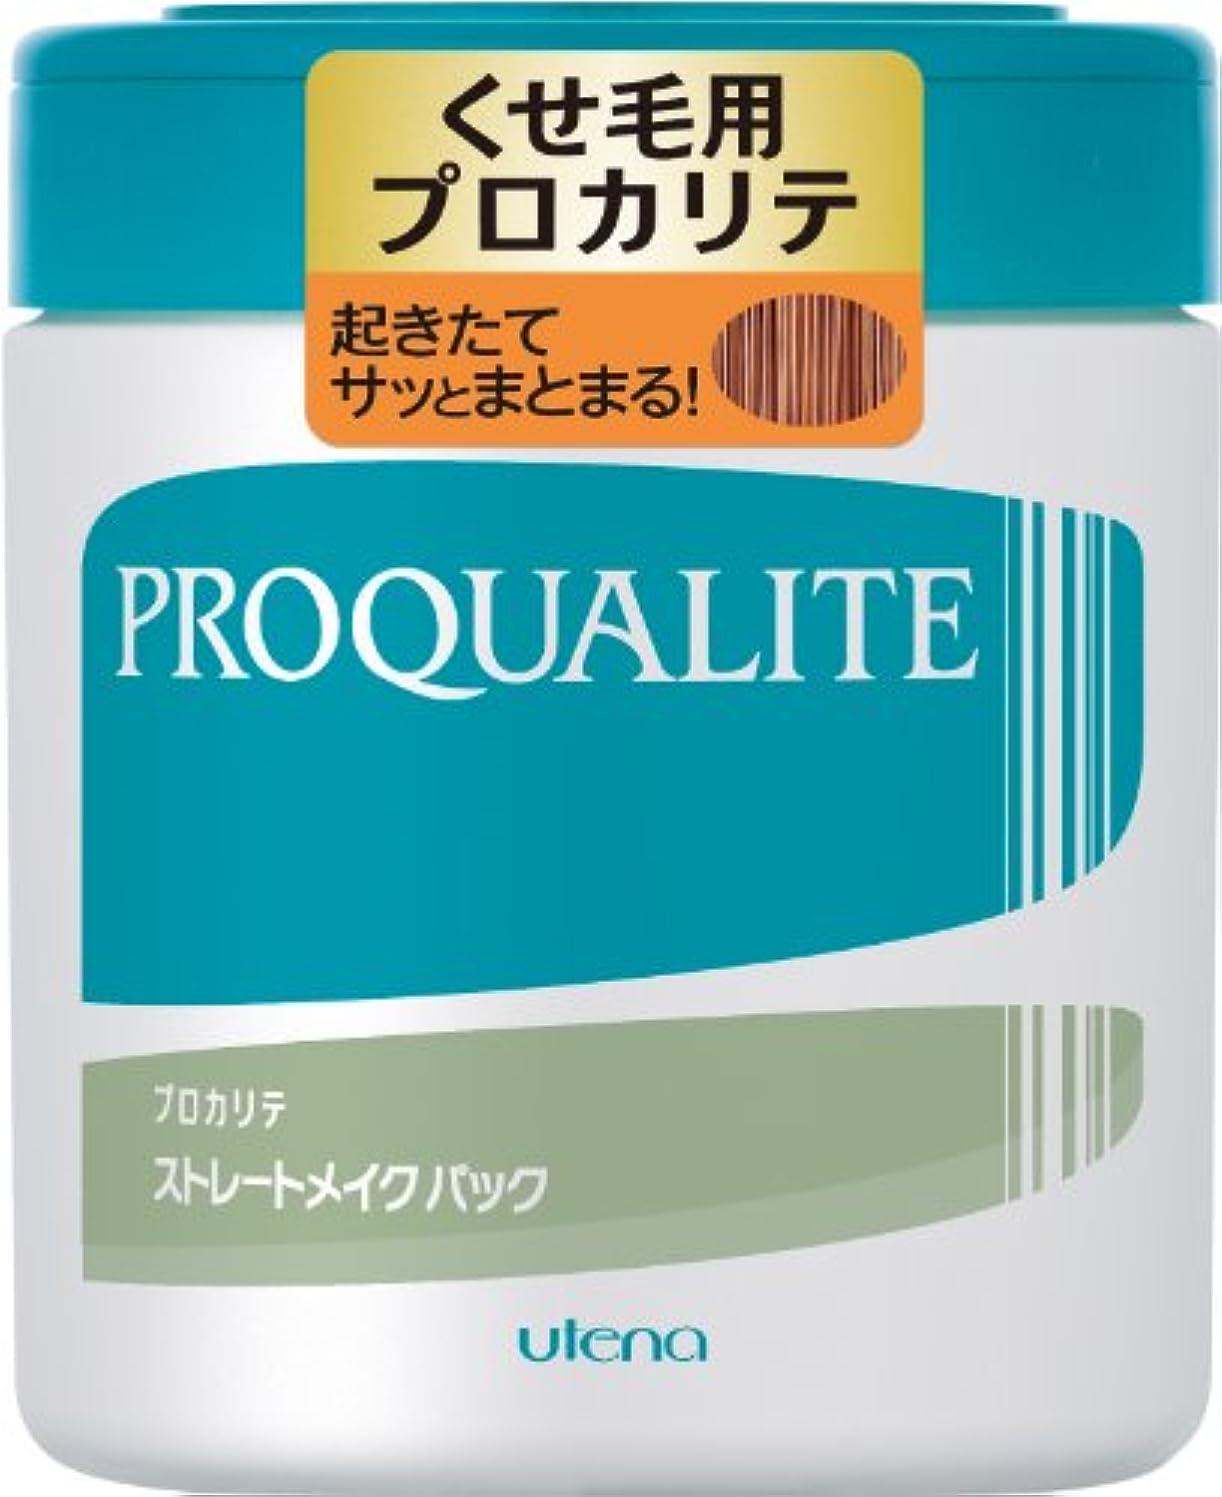 ソーダ水加速度普遍的なPROQUALITE(プロカリテ) ストレートメイクパック ラージ